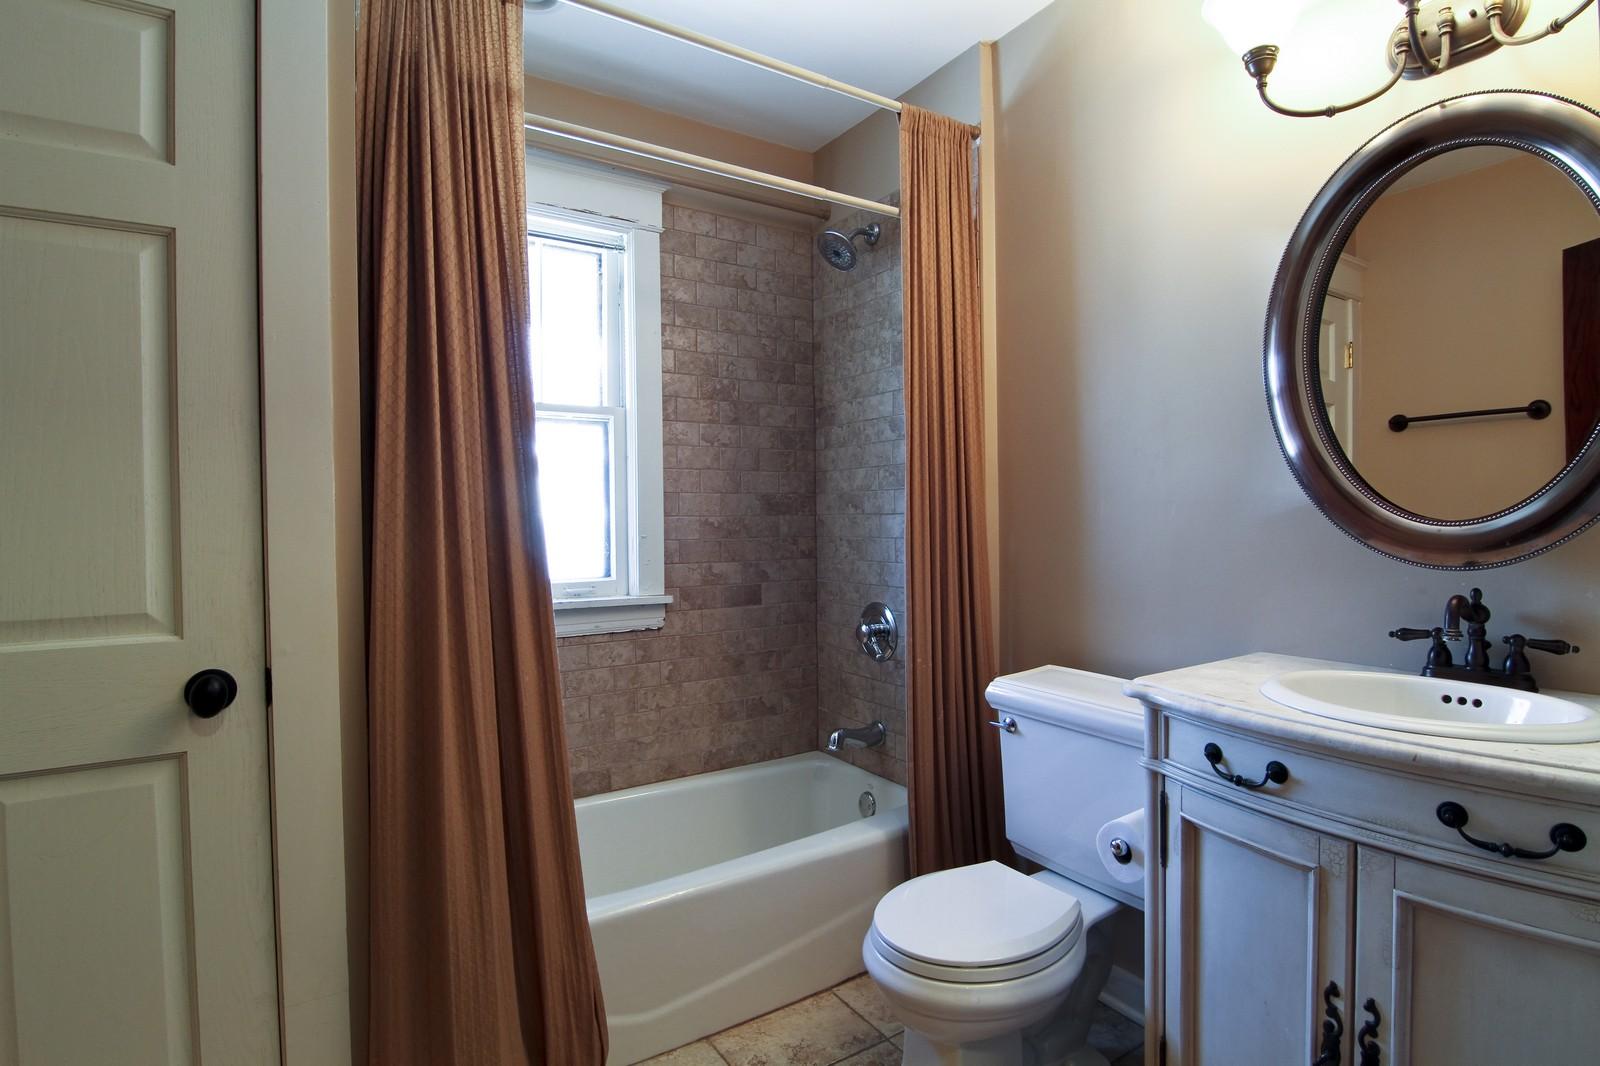 Real Estate Photography - 338 S. 8th, La Grange, IL, 60525 - Bathroom